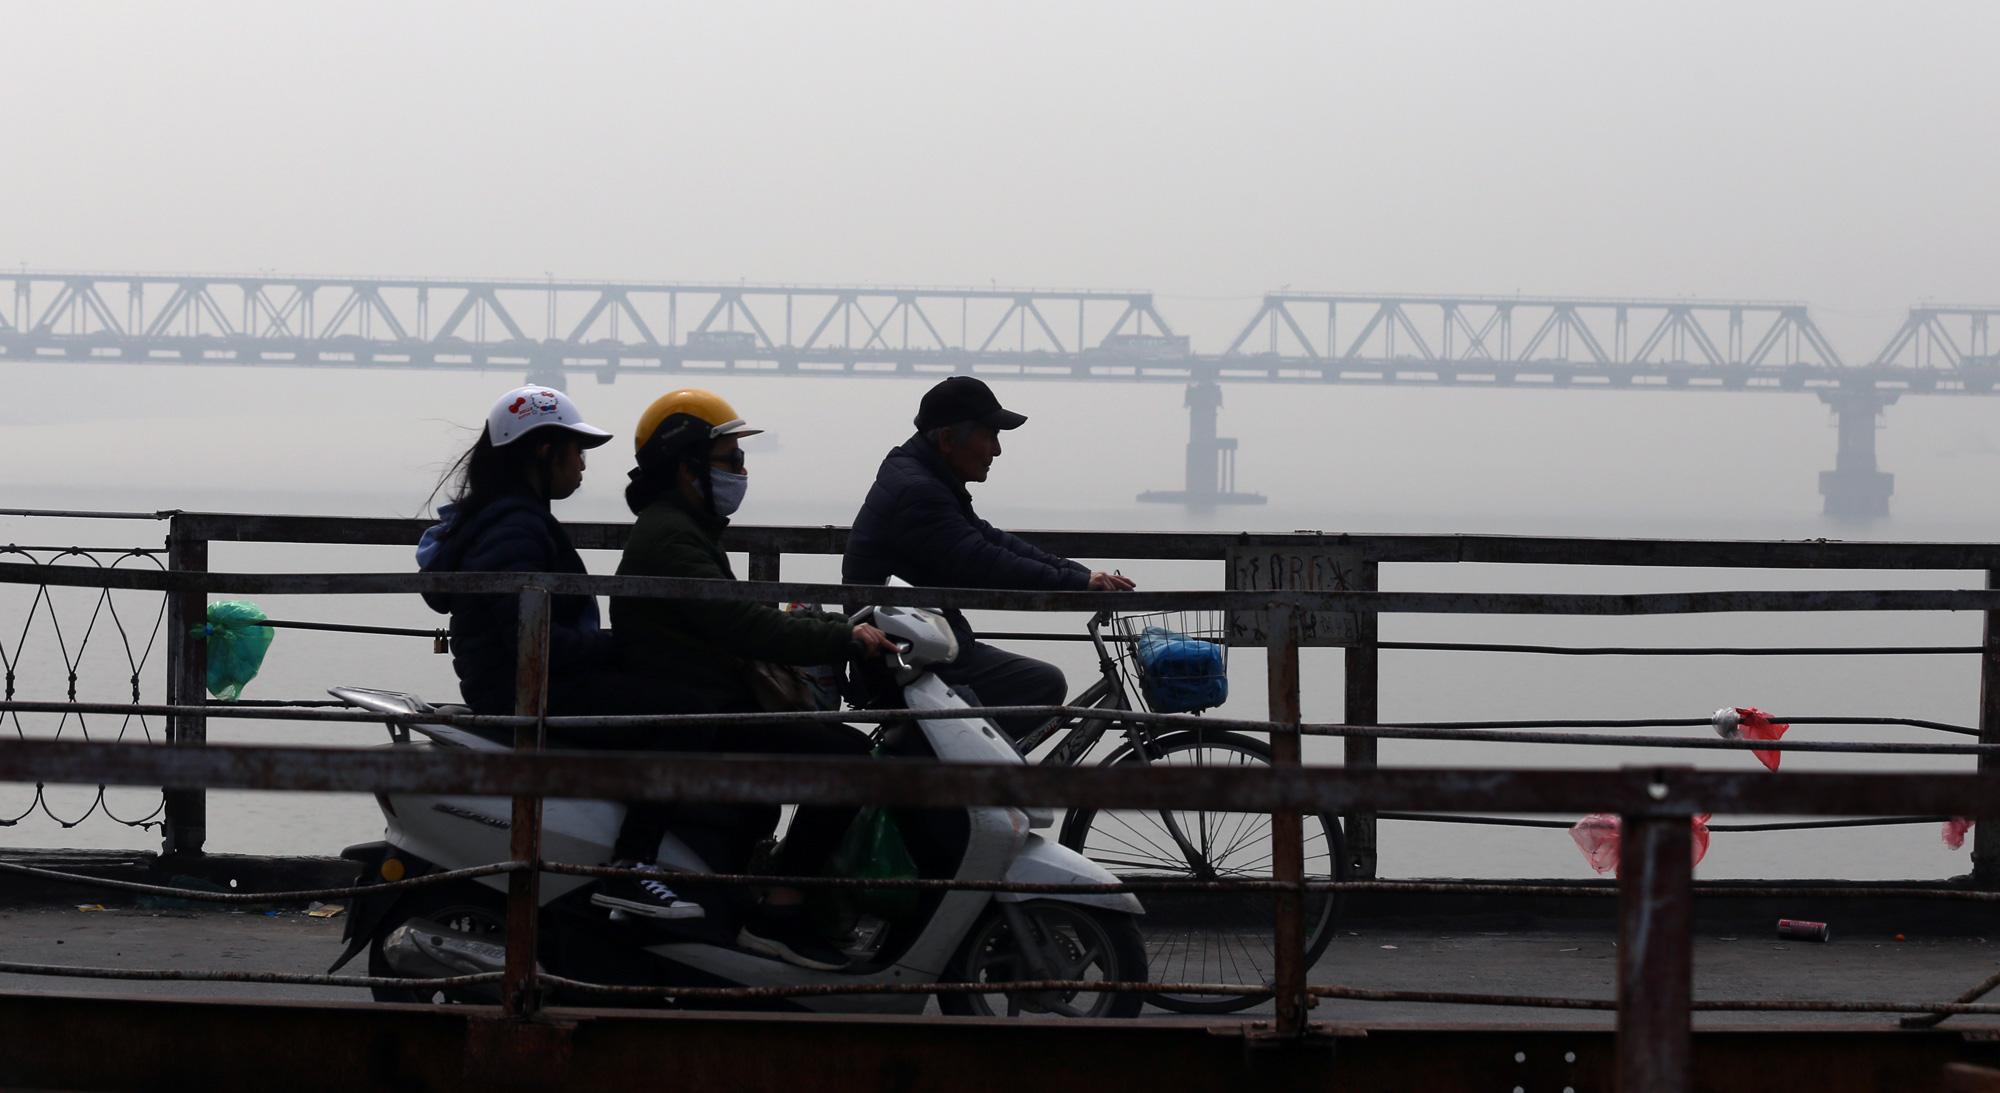 Hà Nội ô nhiễm không khí ở mức cảnh báo tím từ sáng đến chiều - Ảnh 14.